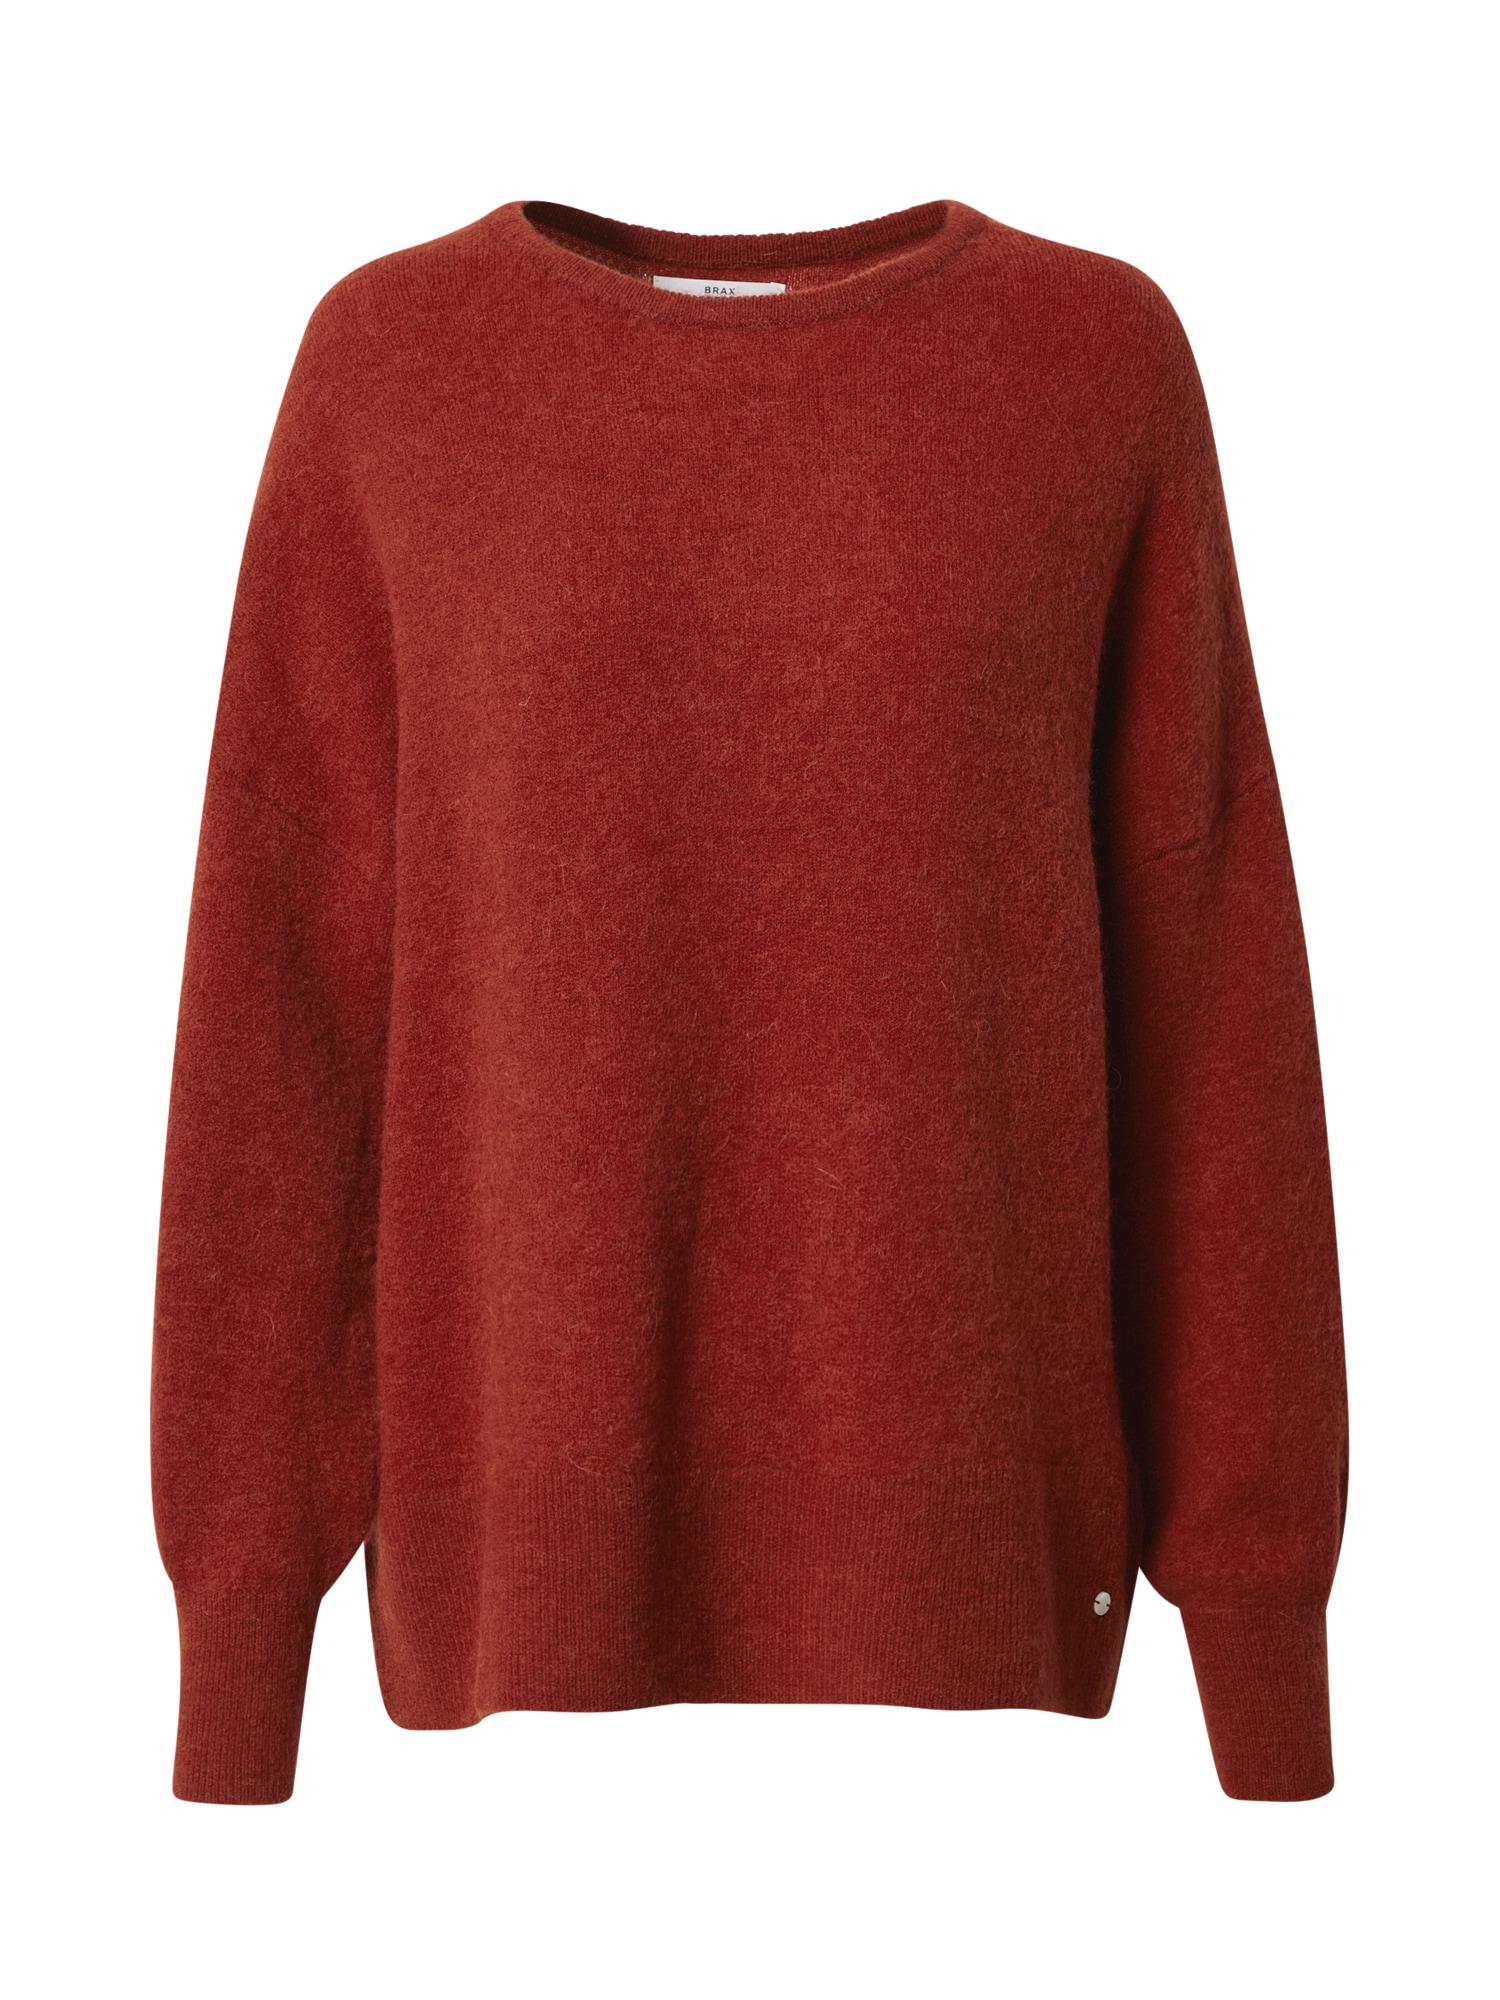 BRAX Megztinis 'Lana' karmino raudona